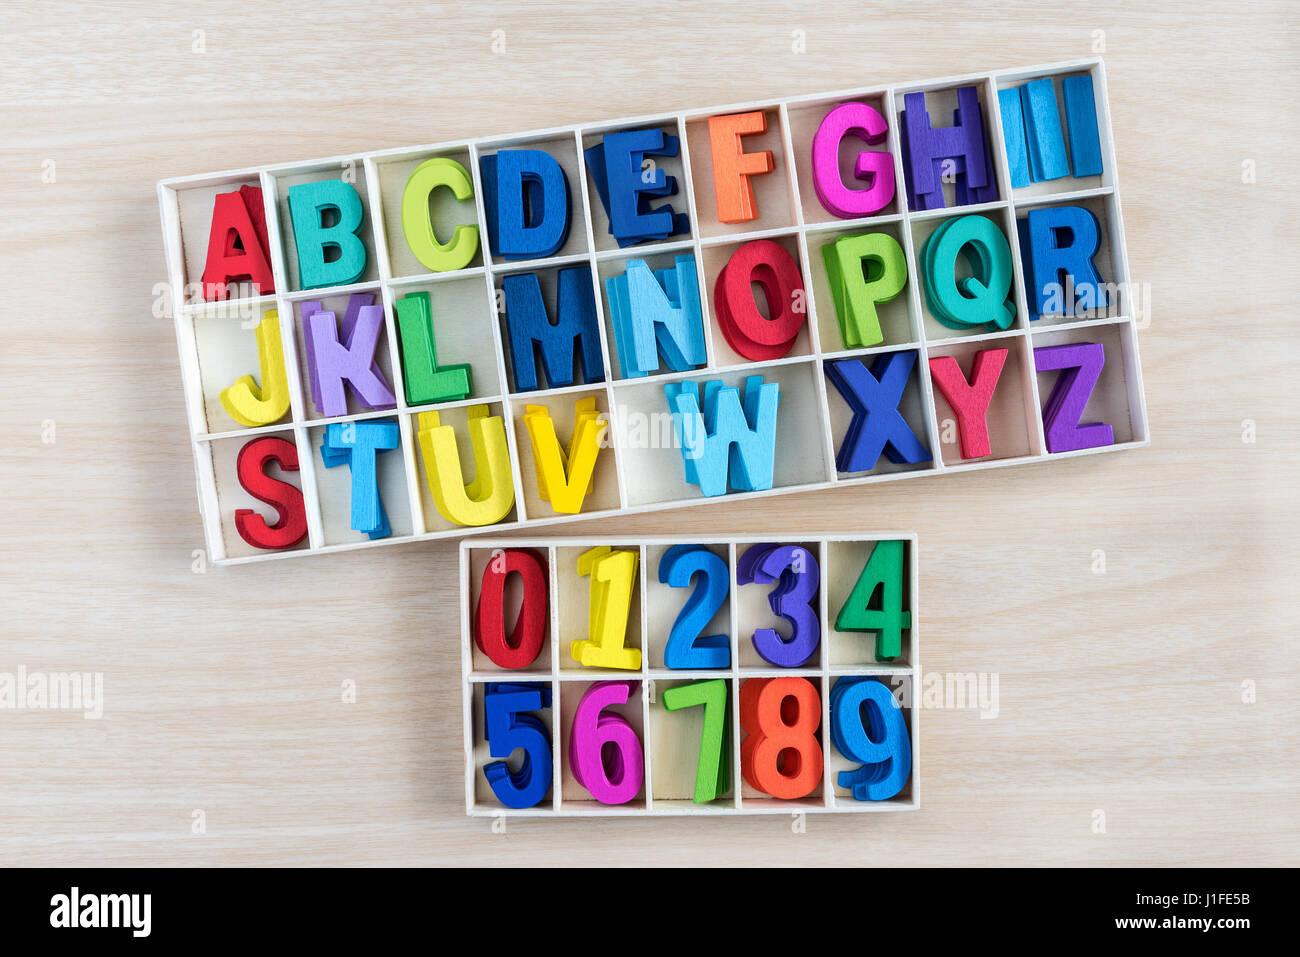 Lettere Di Legno Colorate : Alfabeto colorato lettere e il numero in una scatola di legno con